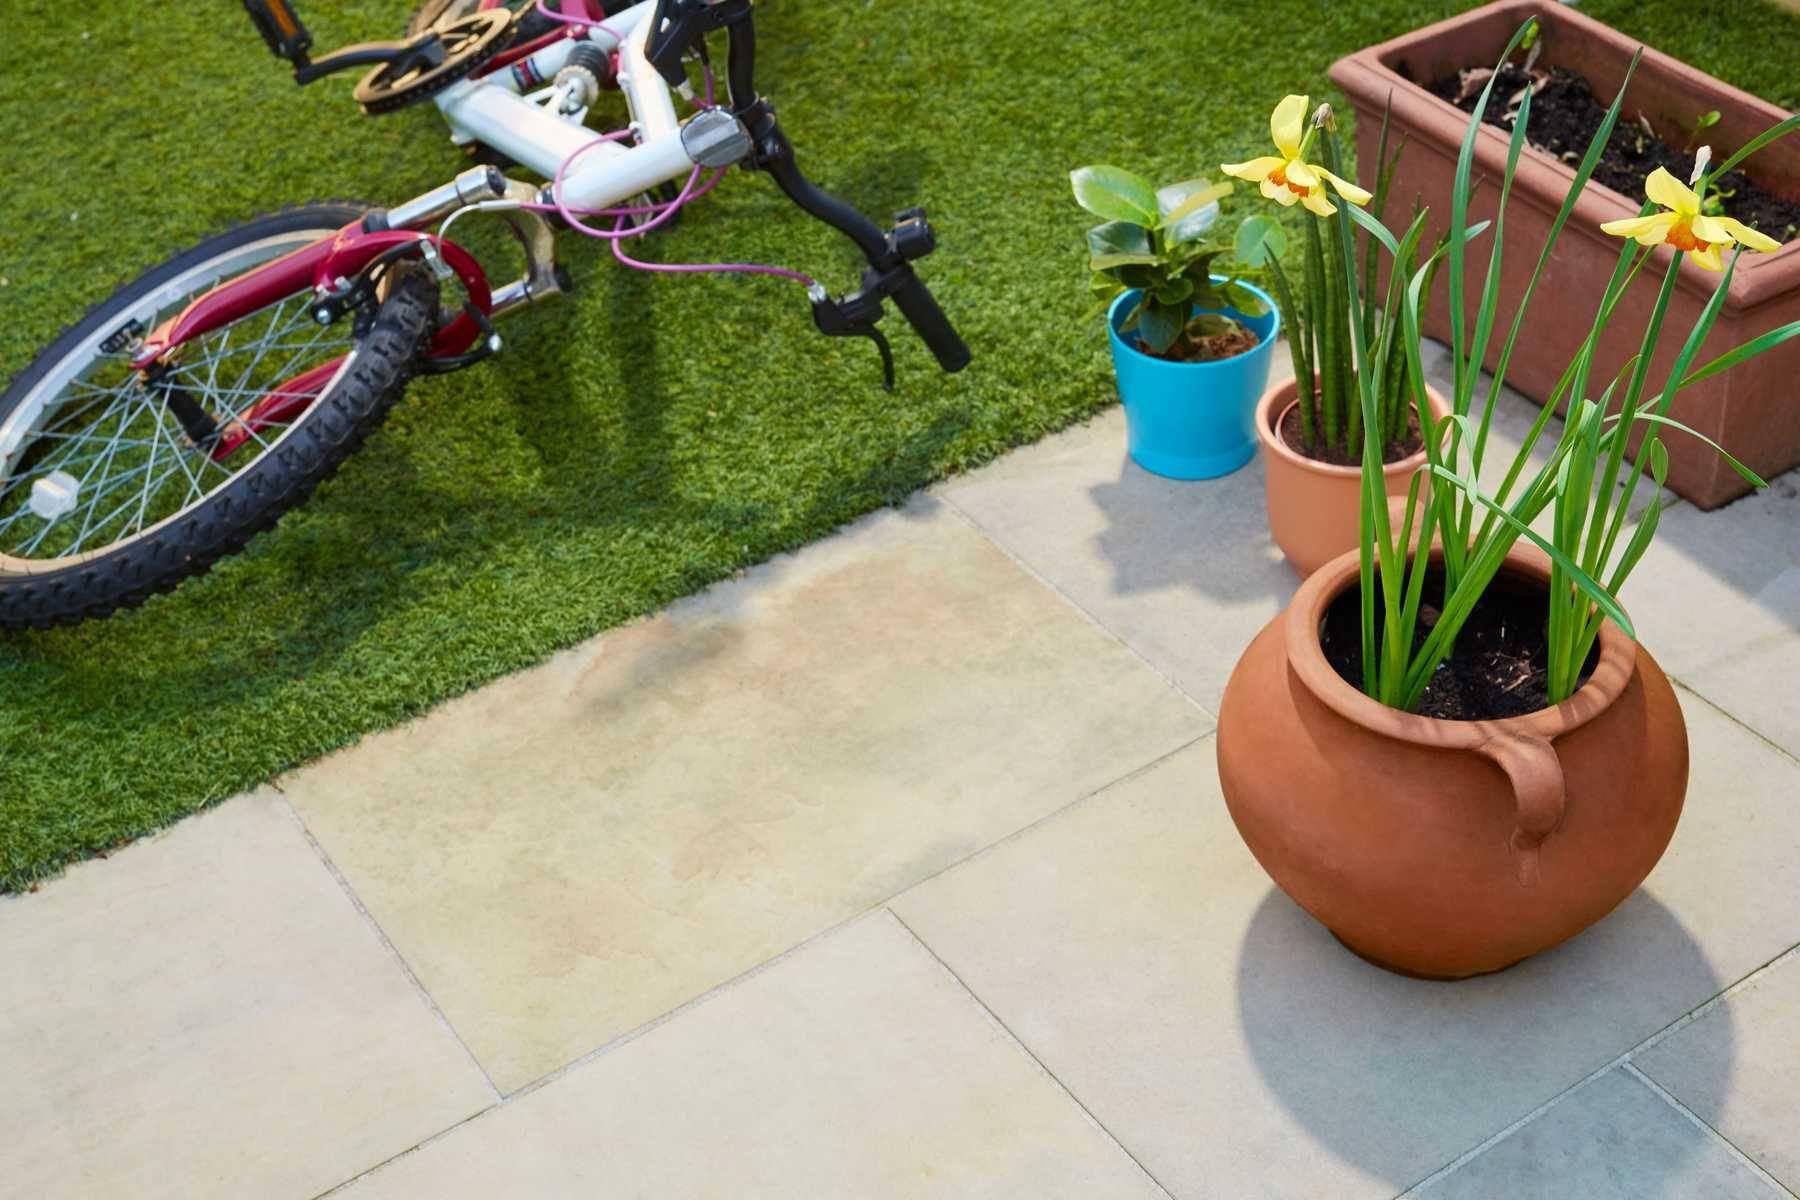 produtos-essenciais-para-a-limpeza-de-bicicletas